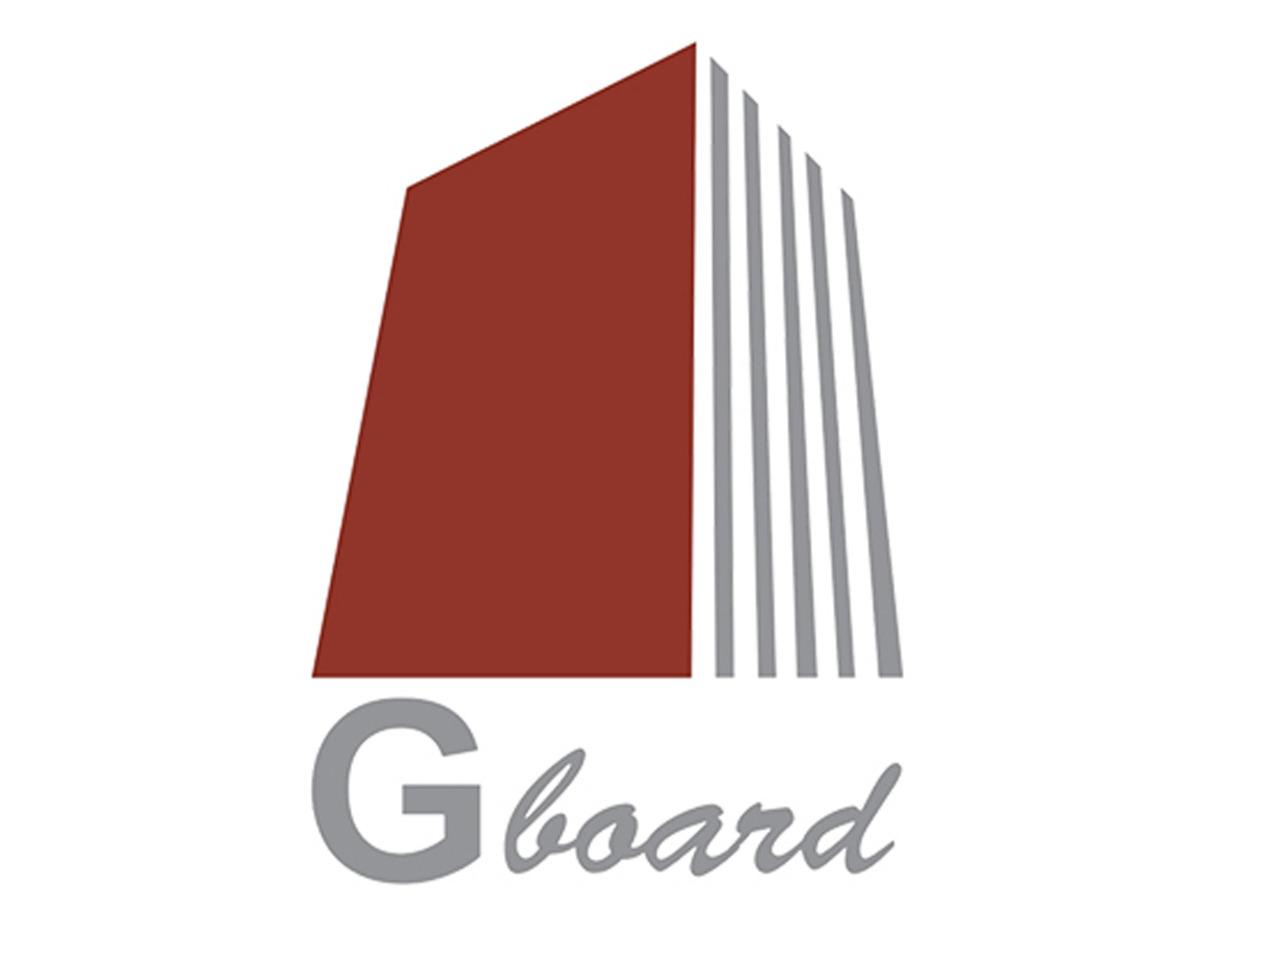 G board